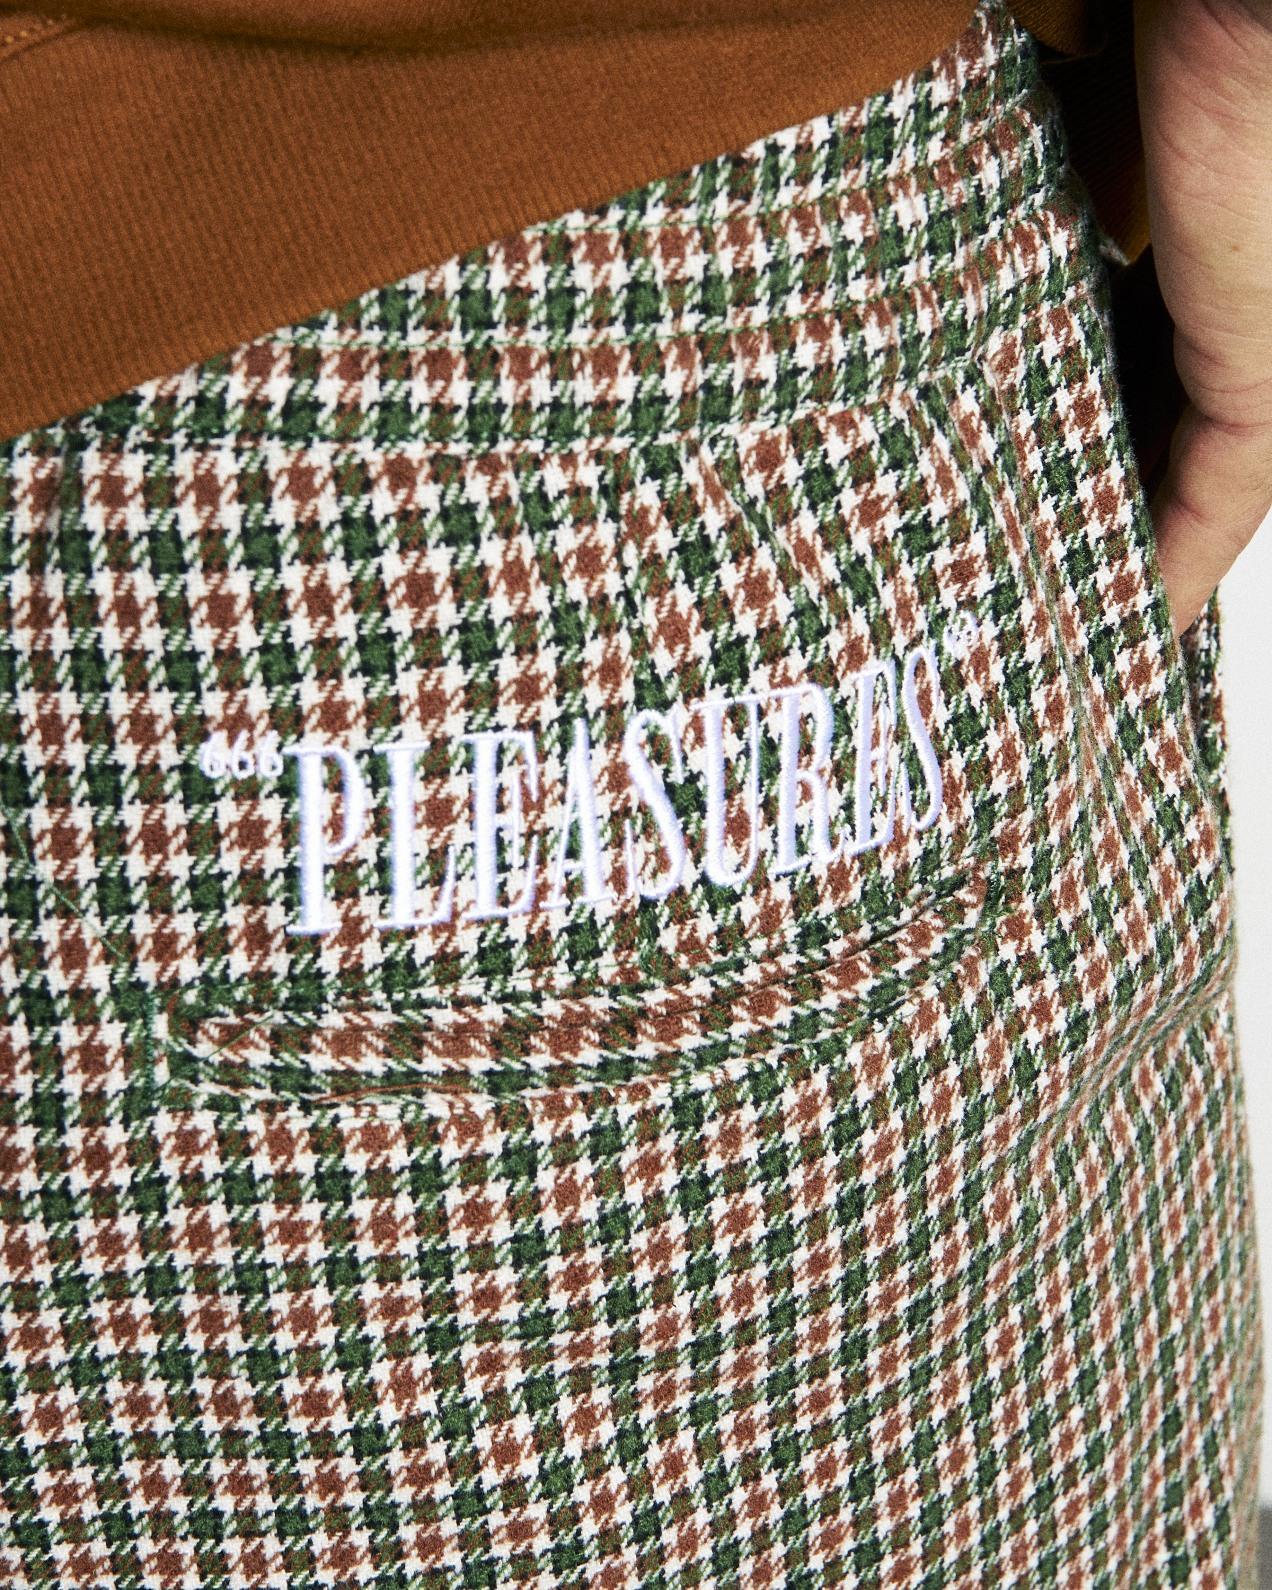 【PLEASURES/プレジャーズ】IGNITION PLAID PANT パンツ / GREEN